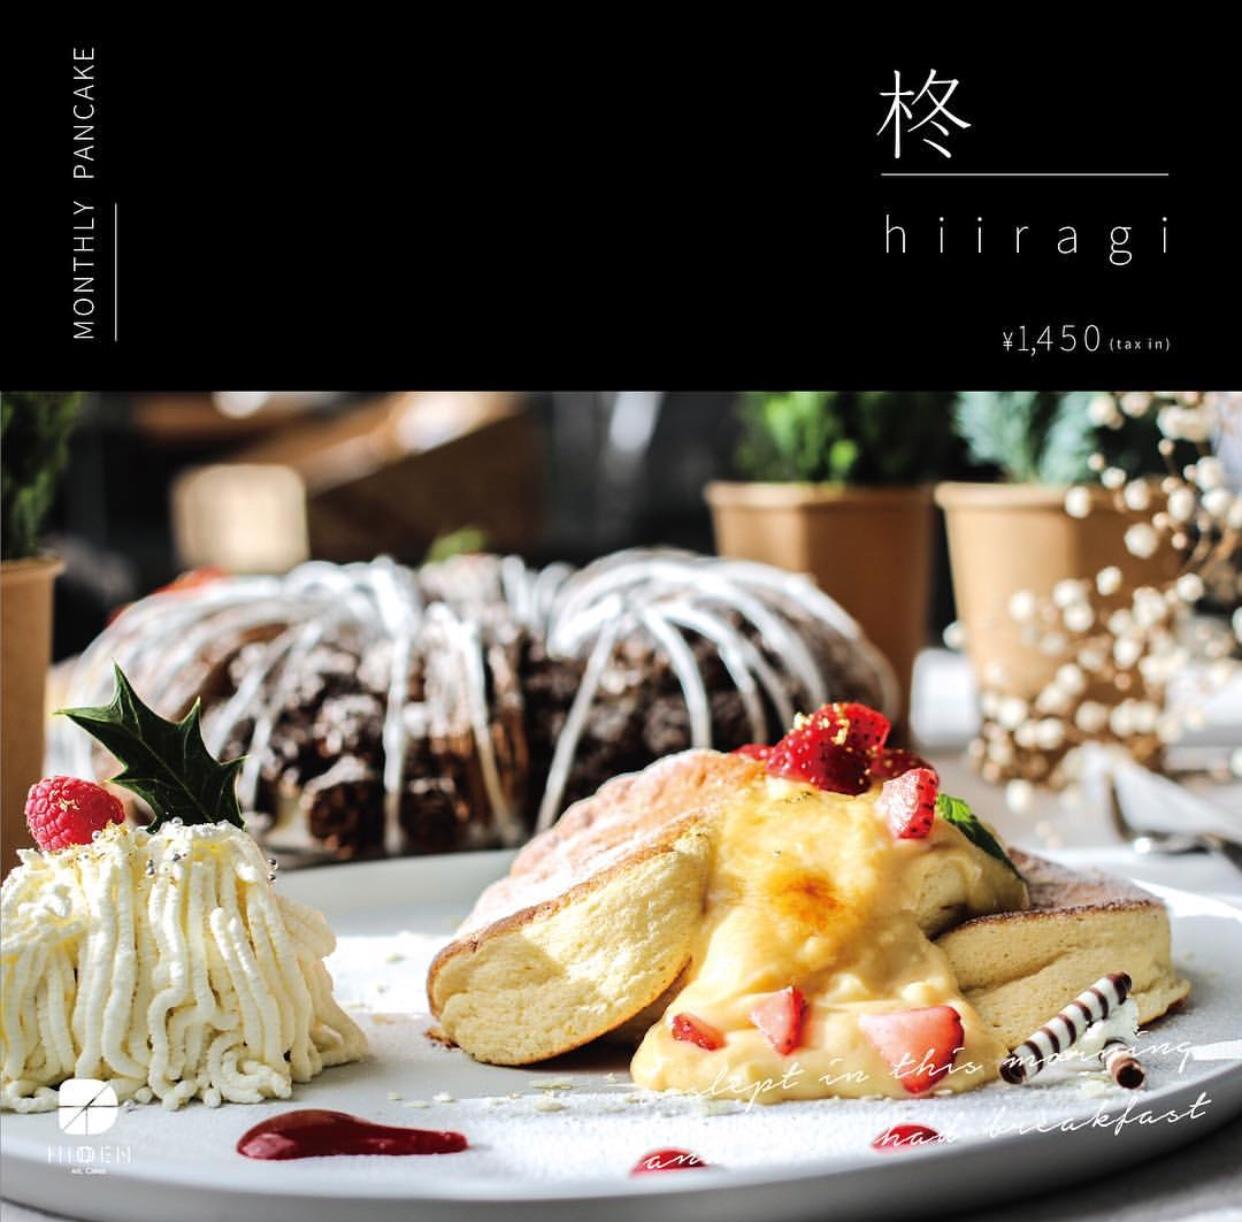 12月限定パンケーキ『柊-hiiragi-』